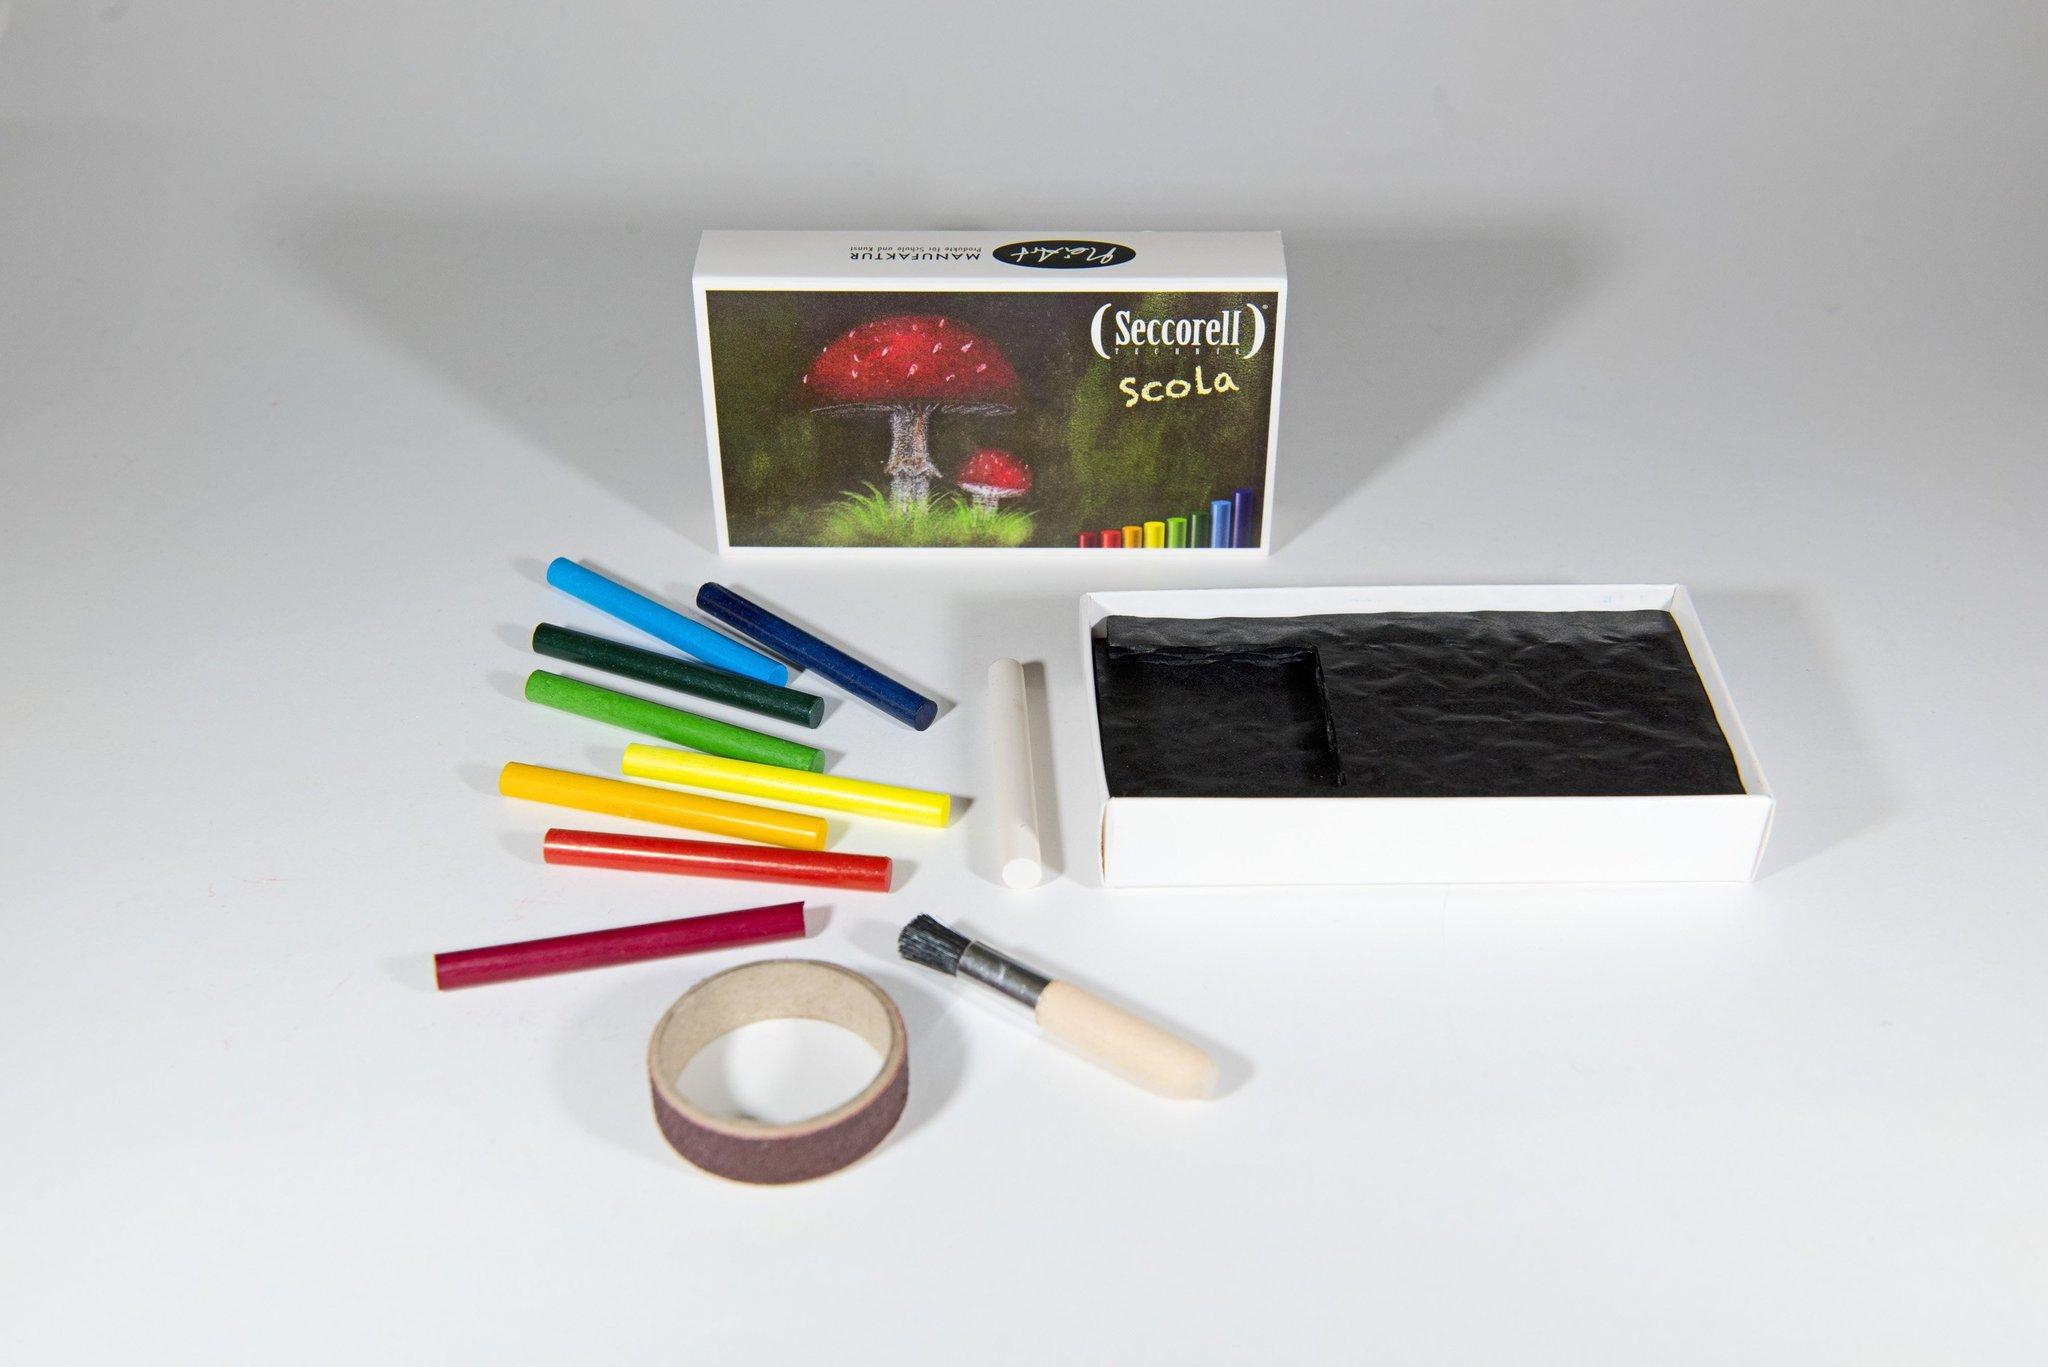 Bâtonnets de pigments Scola de Seccorell